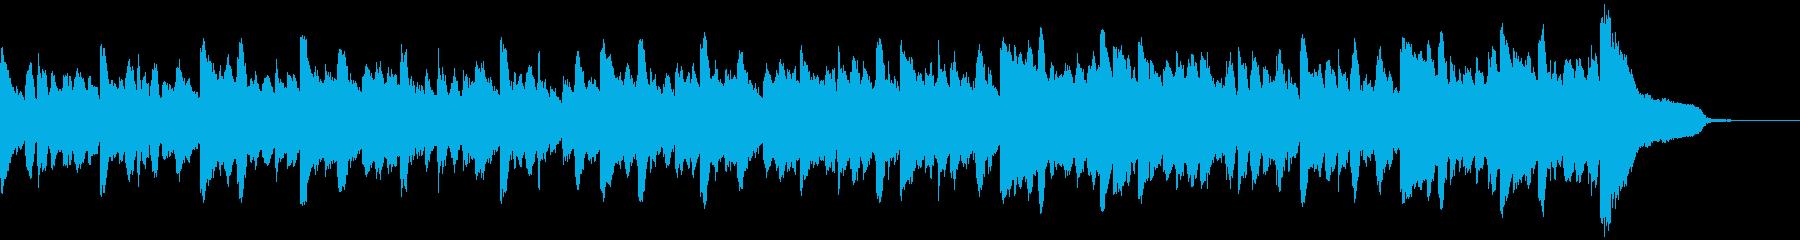 幻想的で落ち着いたアンビエント2 の再生済みの波形